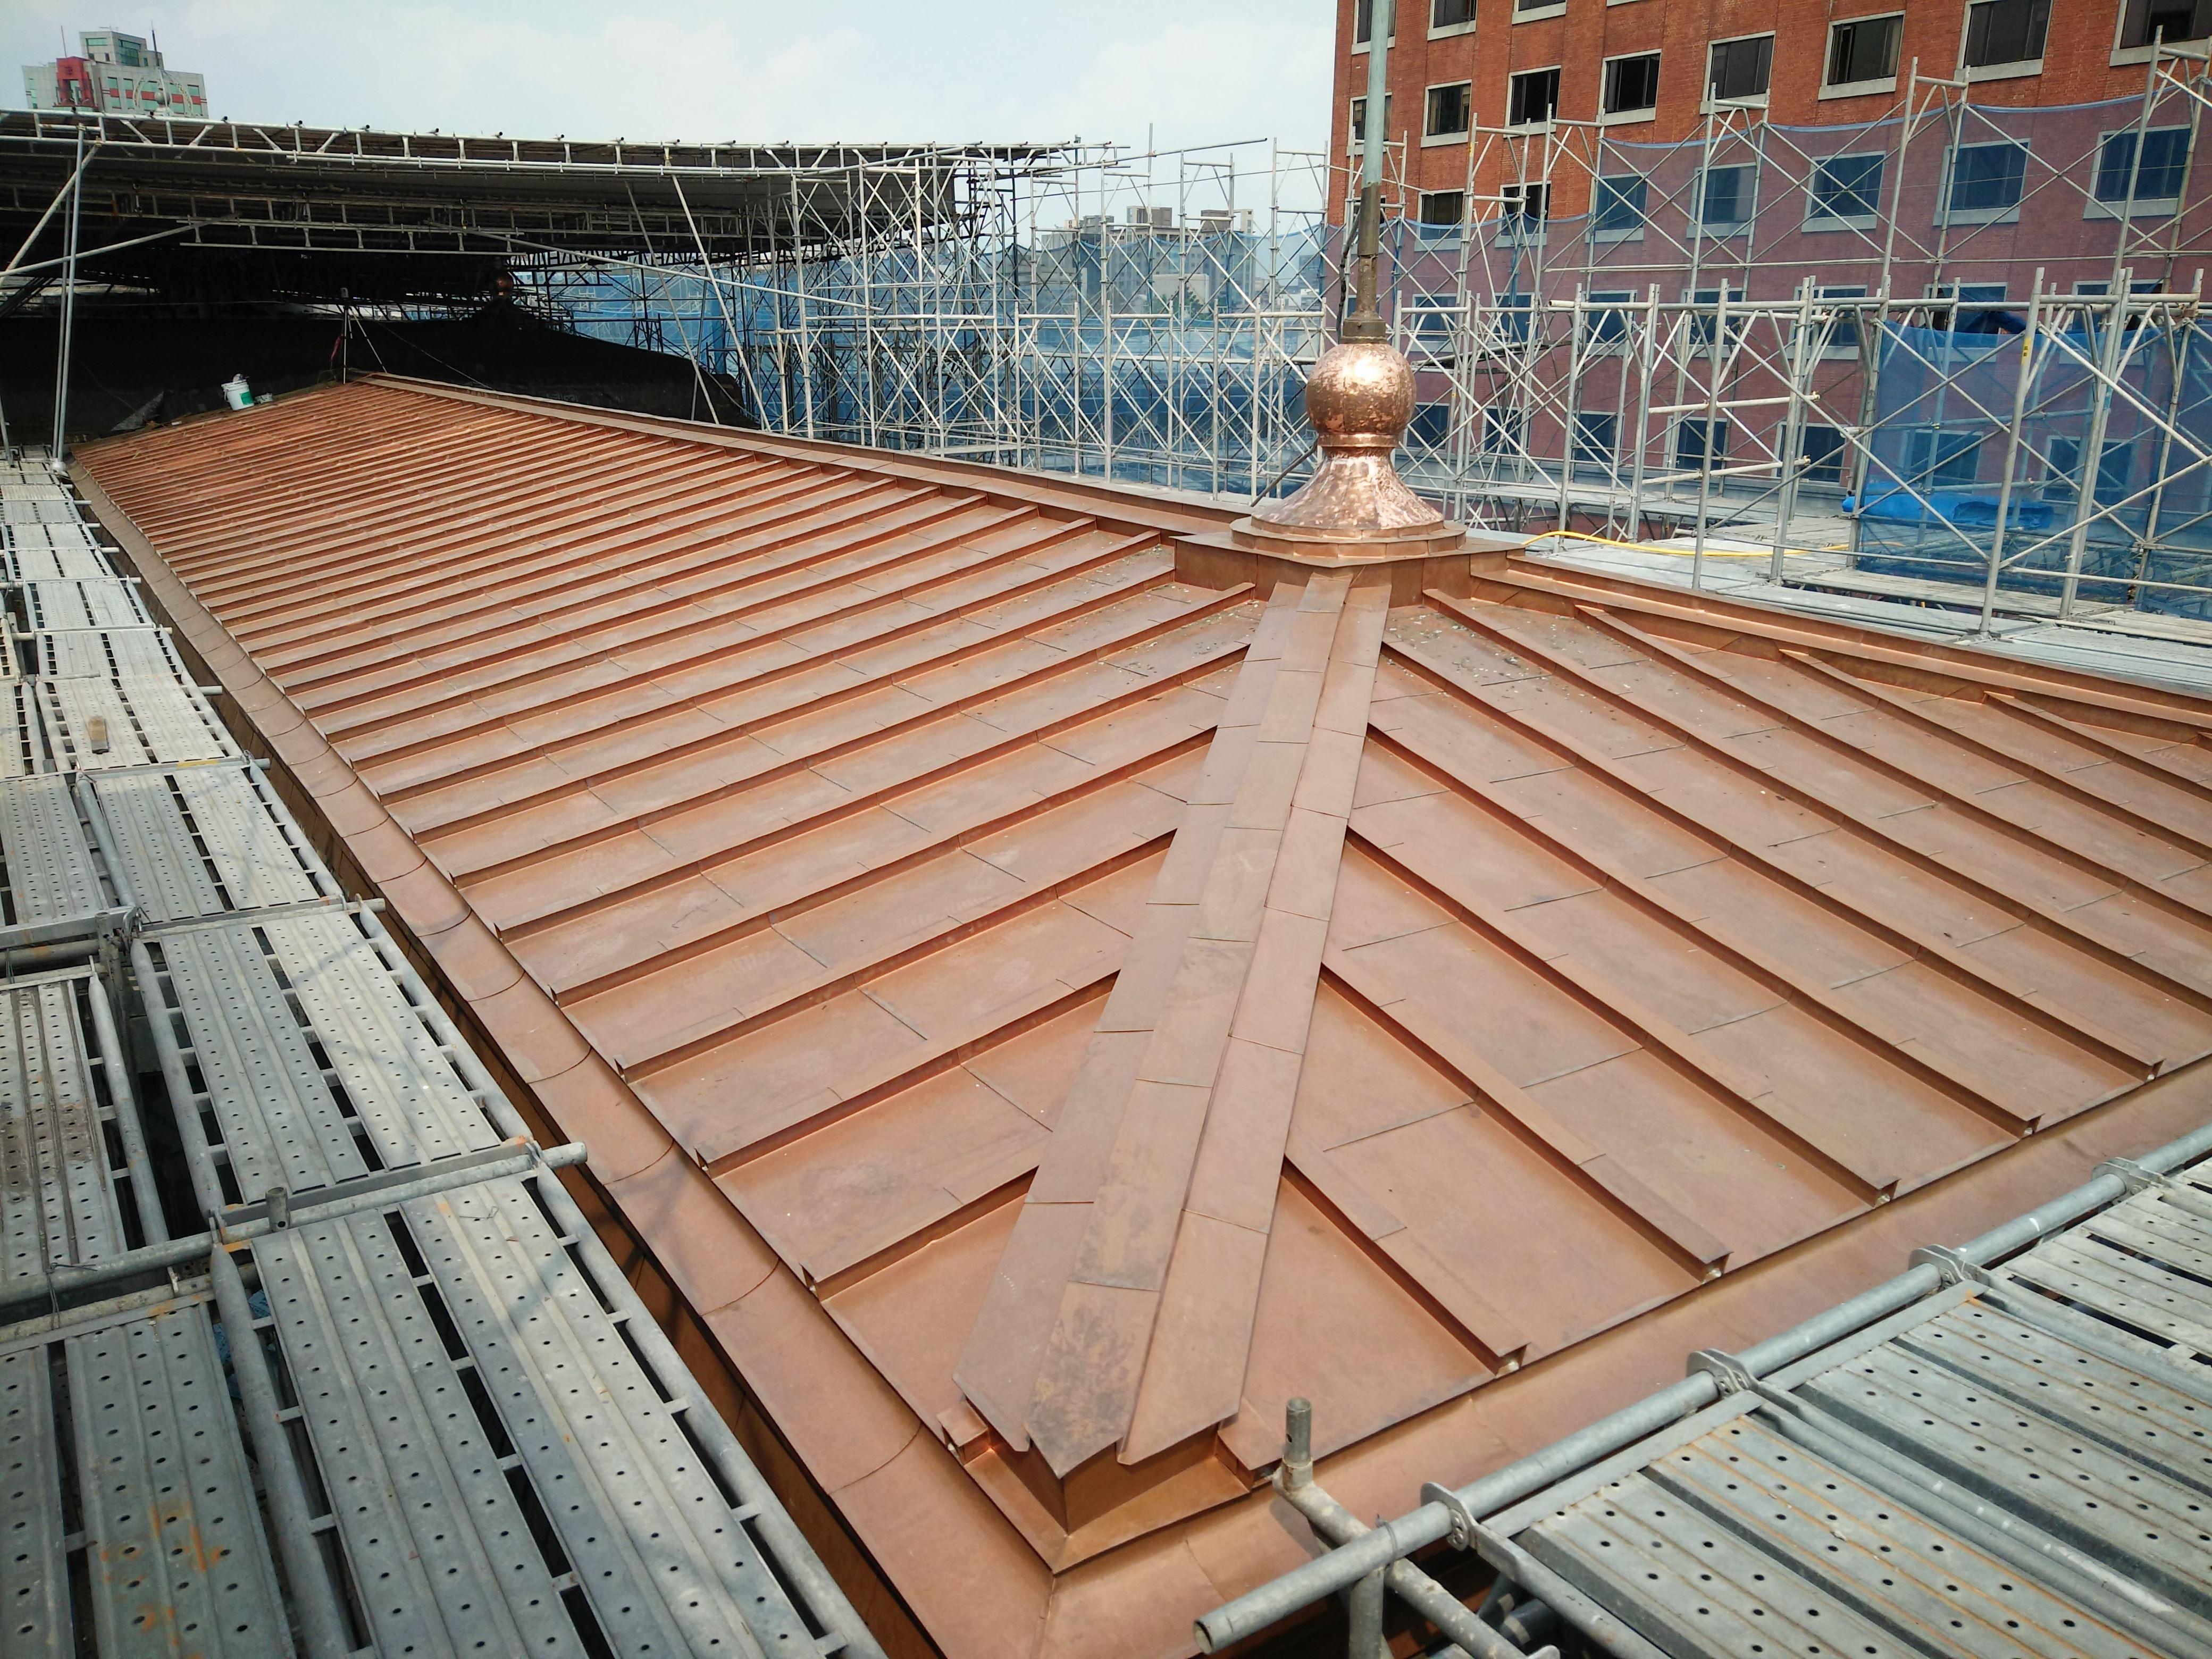 銅瓦匠師逐片按區域形狀加以裁剪安裝,漸次完成屋面細部收邊